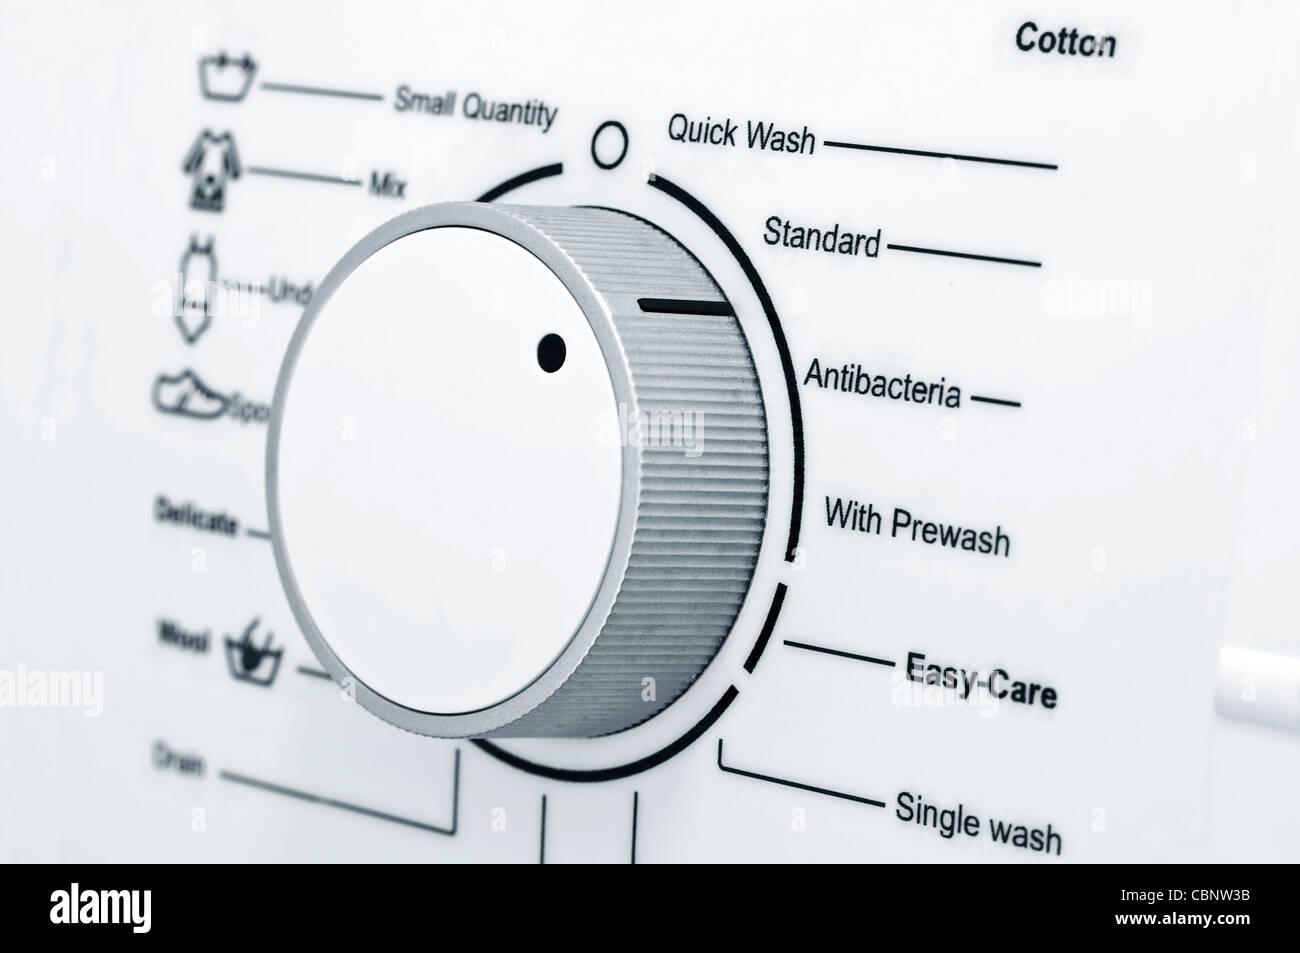 Laundry washing machine programs - Stock Image